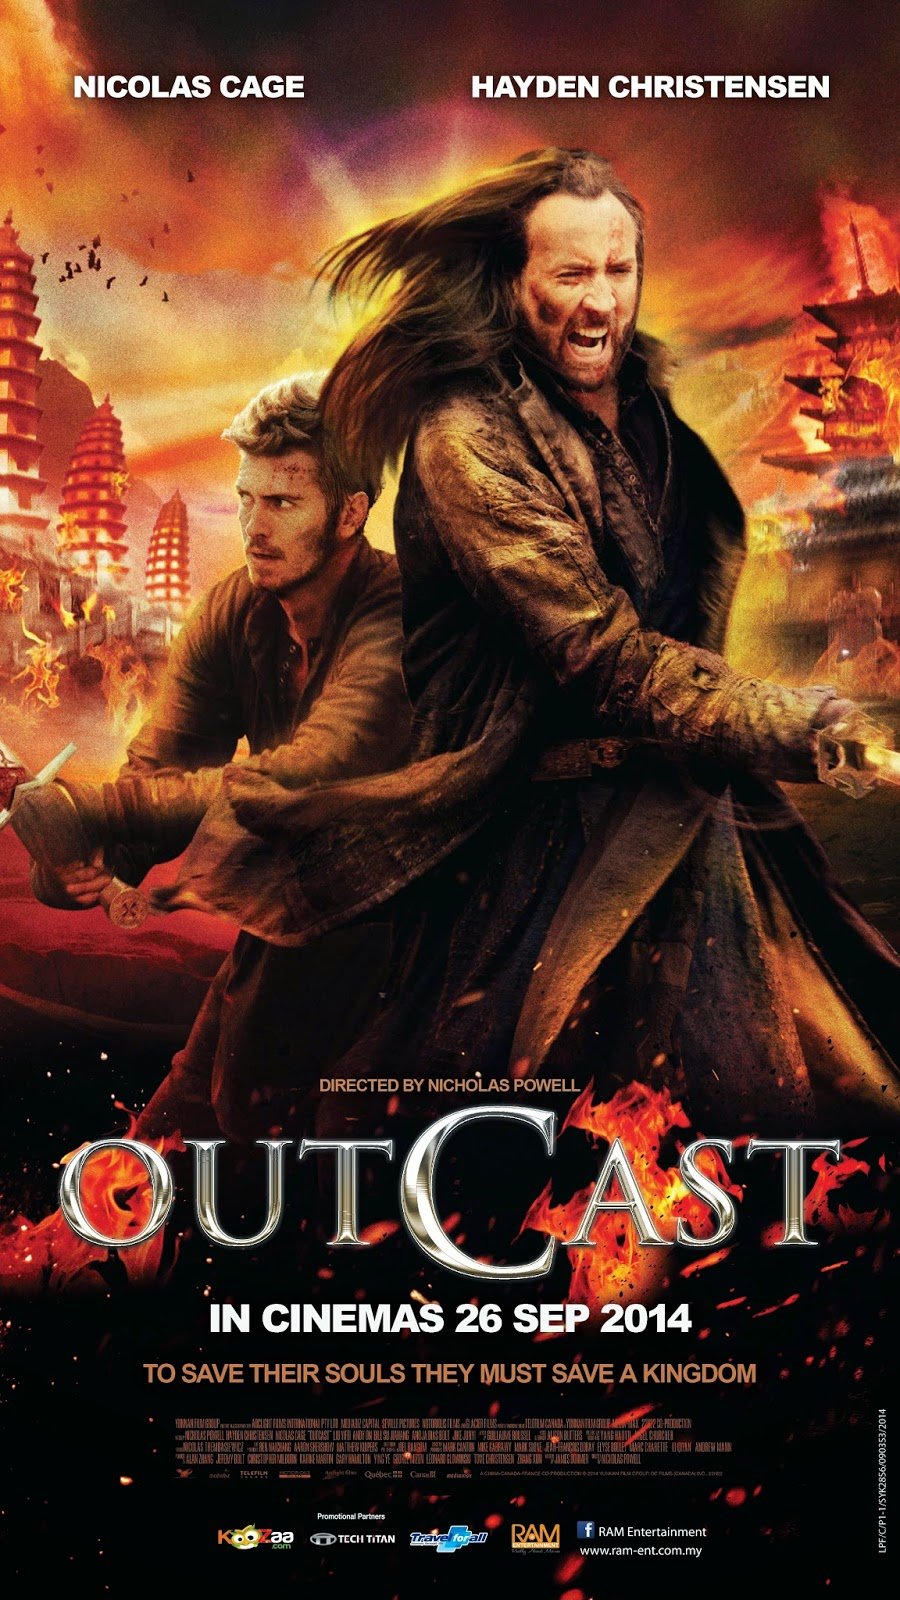 Outcast / В изгнание (2014)